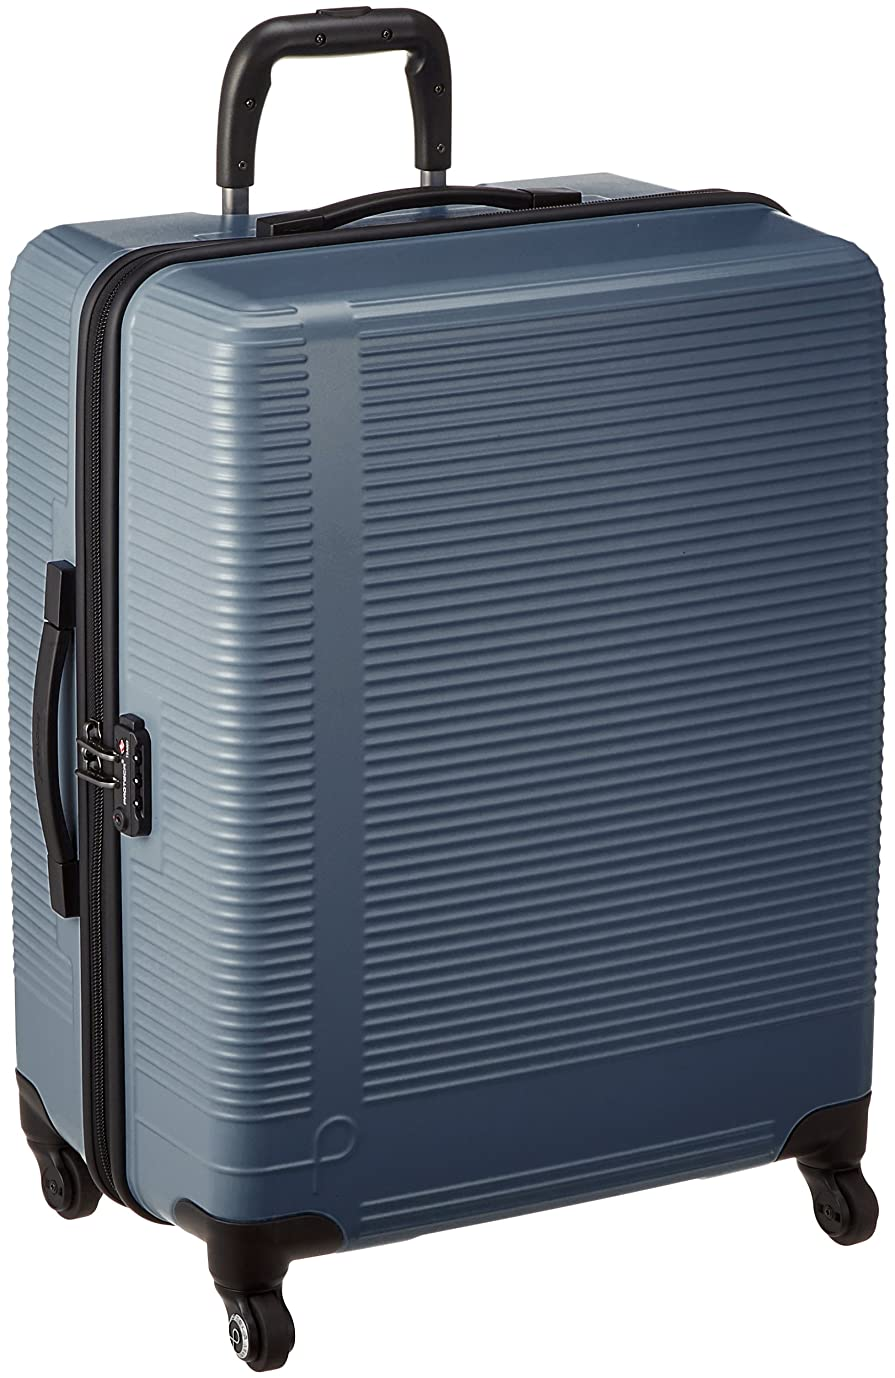 西部死不機嫌そうな[プロテカ] スーツケース 日本製 ステップウォーカー サイレントキャスター 保証付 63 cm 4.5kg